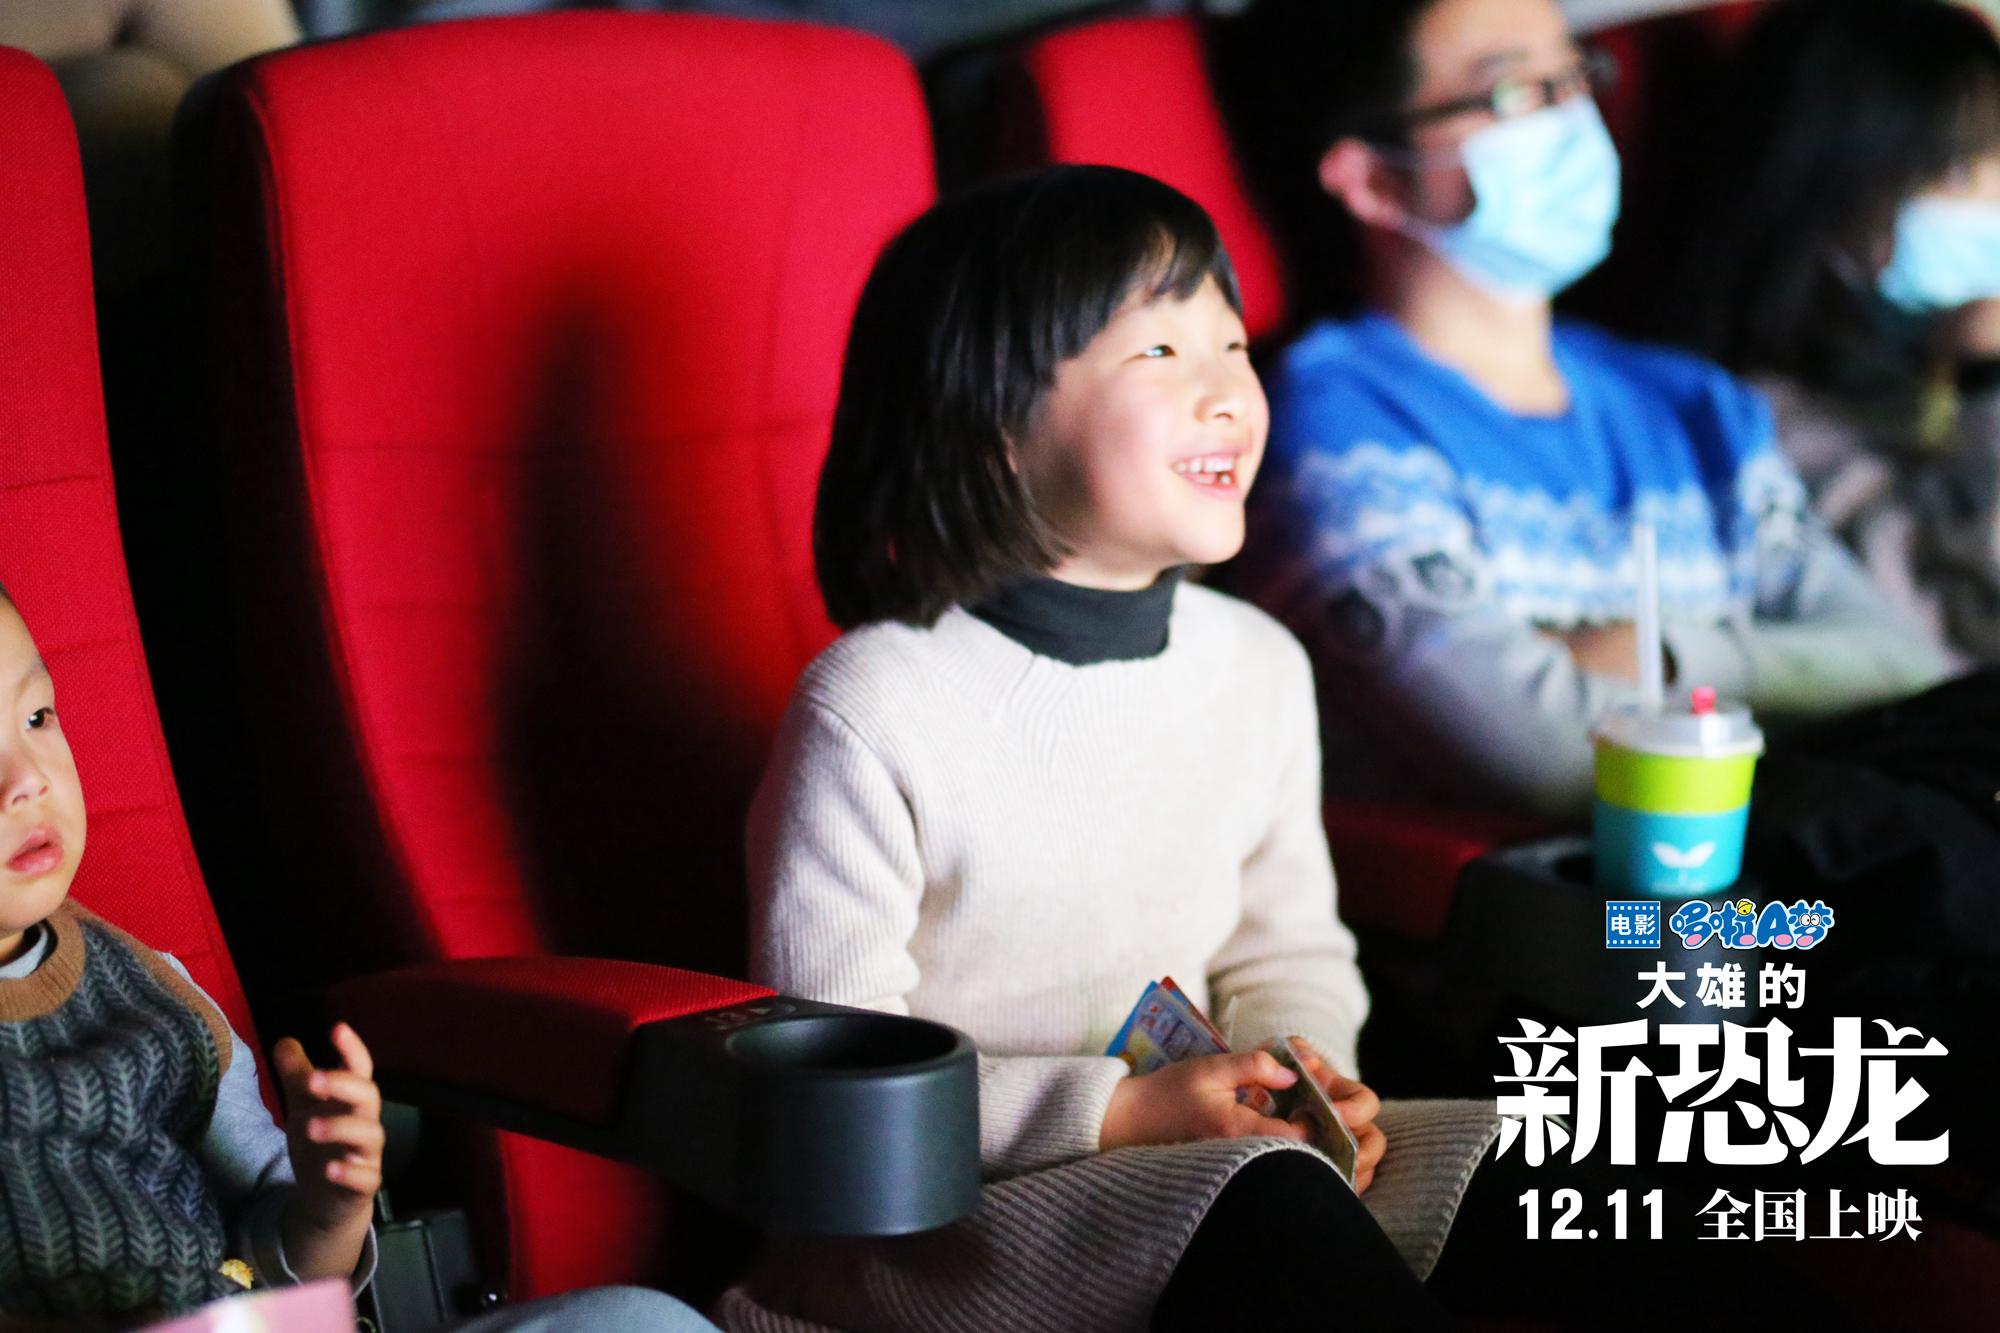 《哆啦A梦》2020剧场版全国千场点映!活动火爆影票供不应求